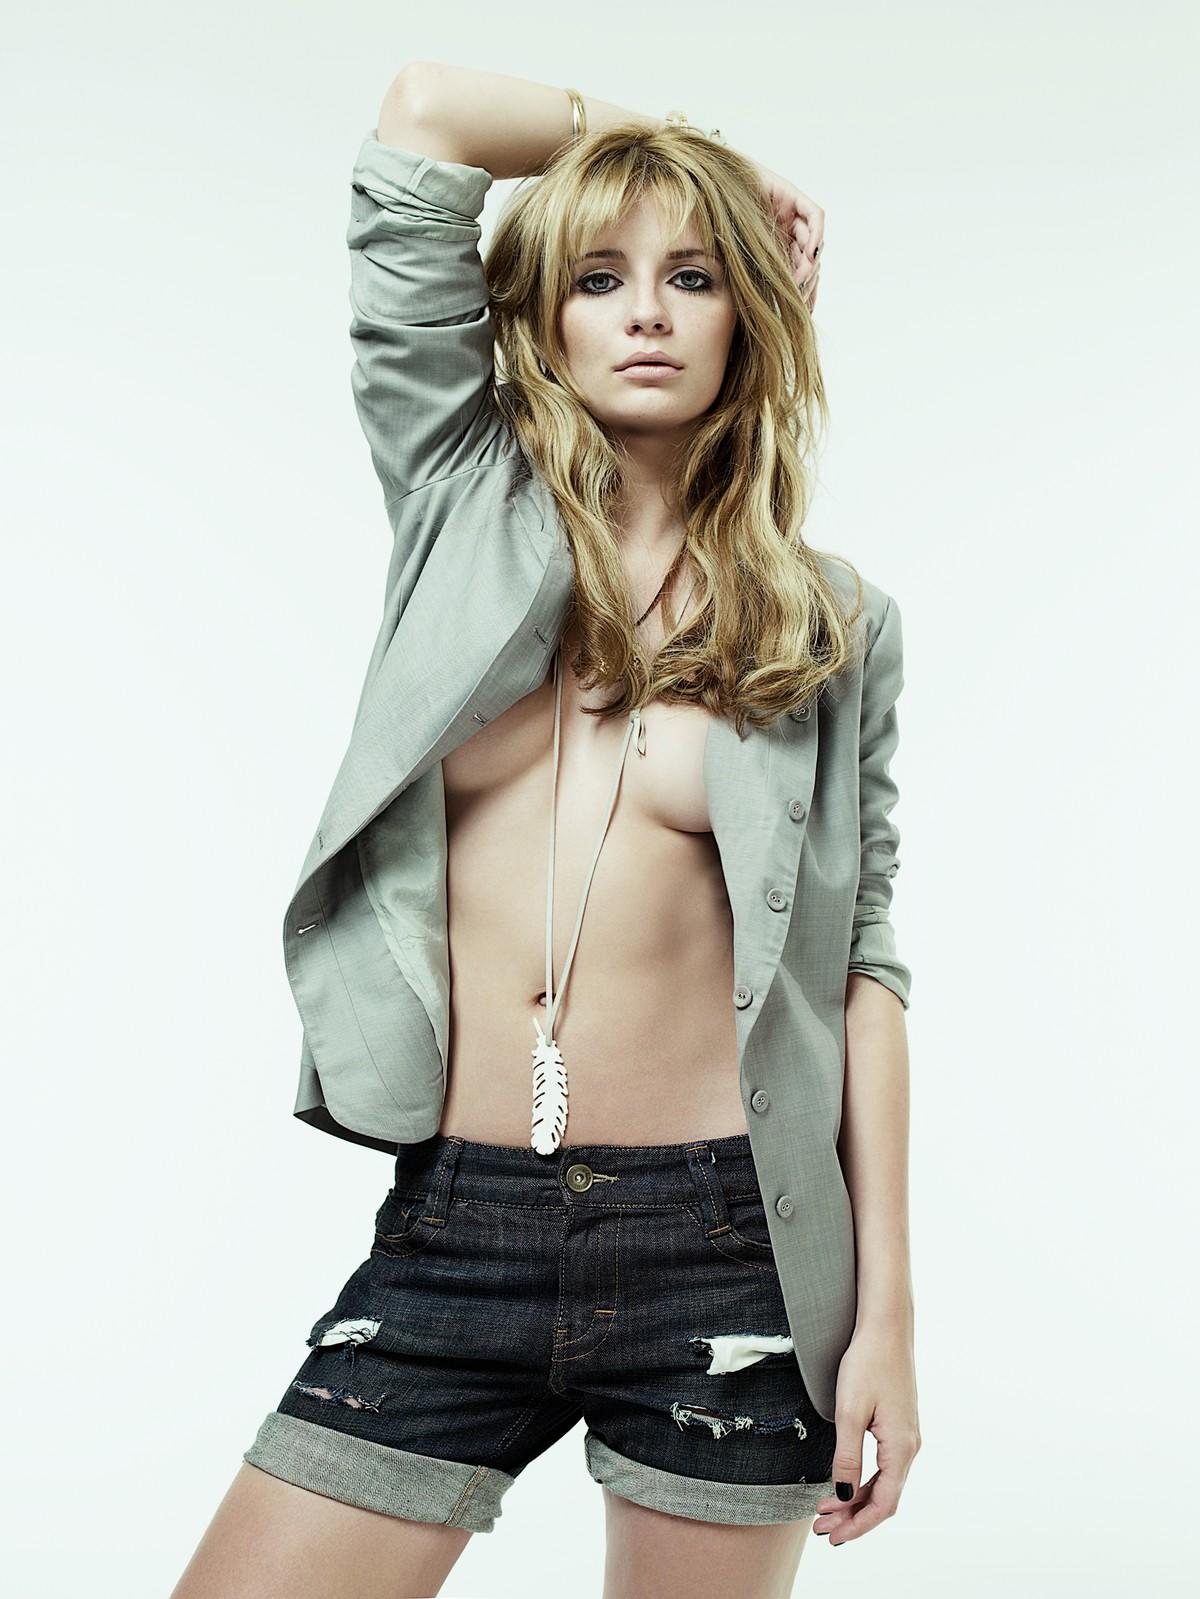 http://4.bp.blogspot.com/_W1p2f7P95hY/TSPDvHe6k7I/AAAAAAAAAFs/jQiouxZqOCk/s1600/mischa-barton-topless5.jpg